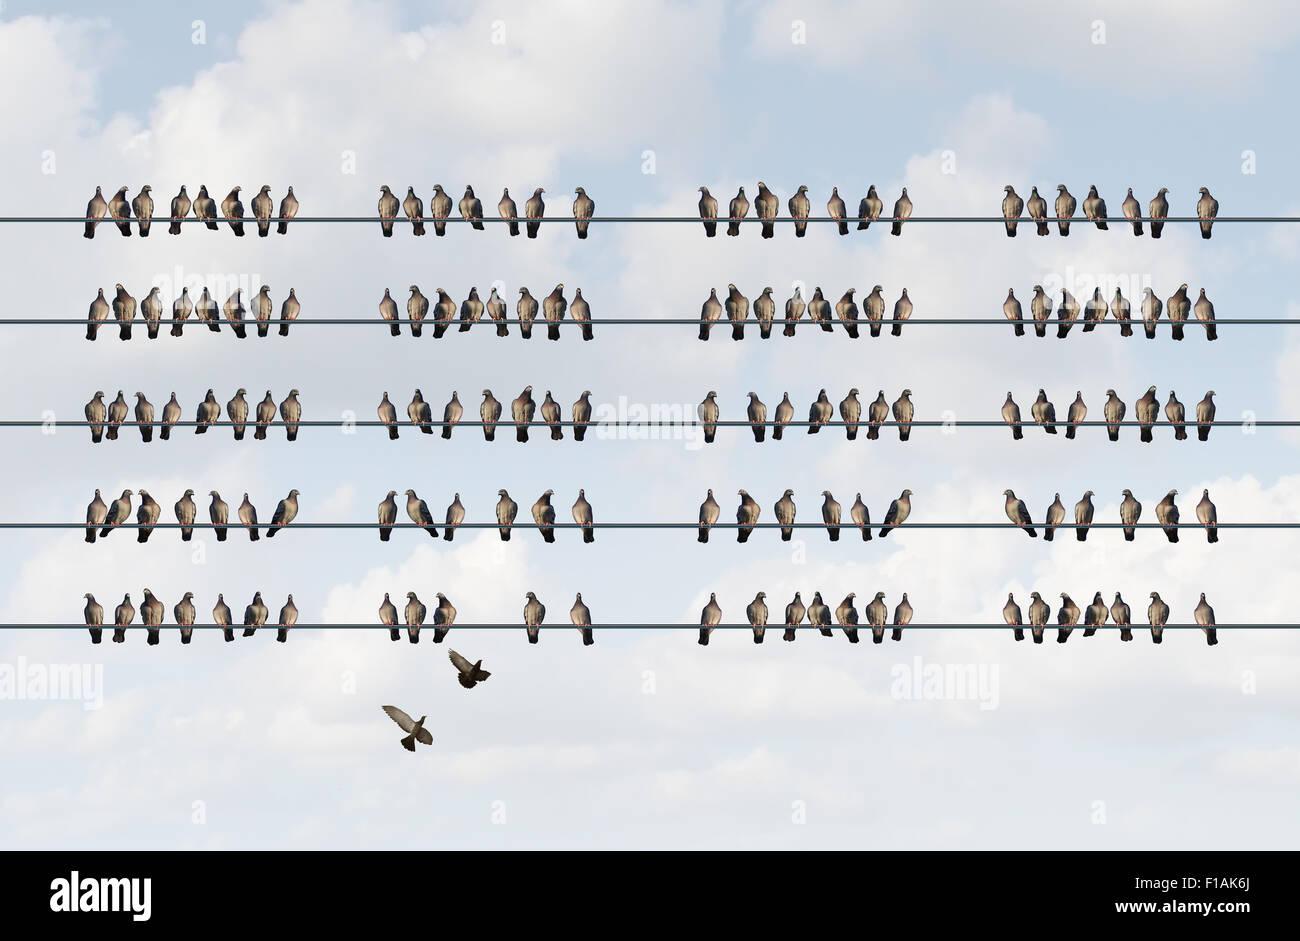 Gruppe-Management-Business-Konzept als Cluster der Vögel auf einem ...